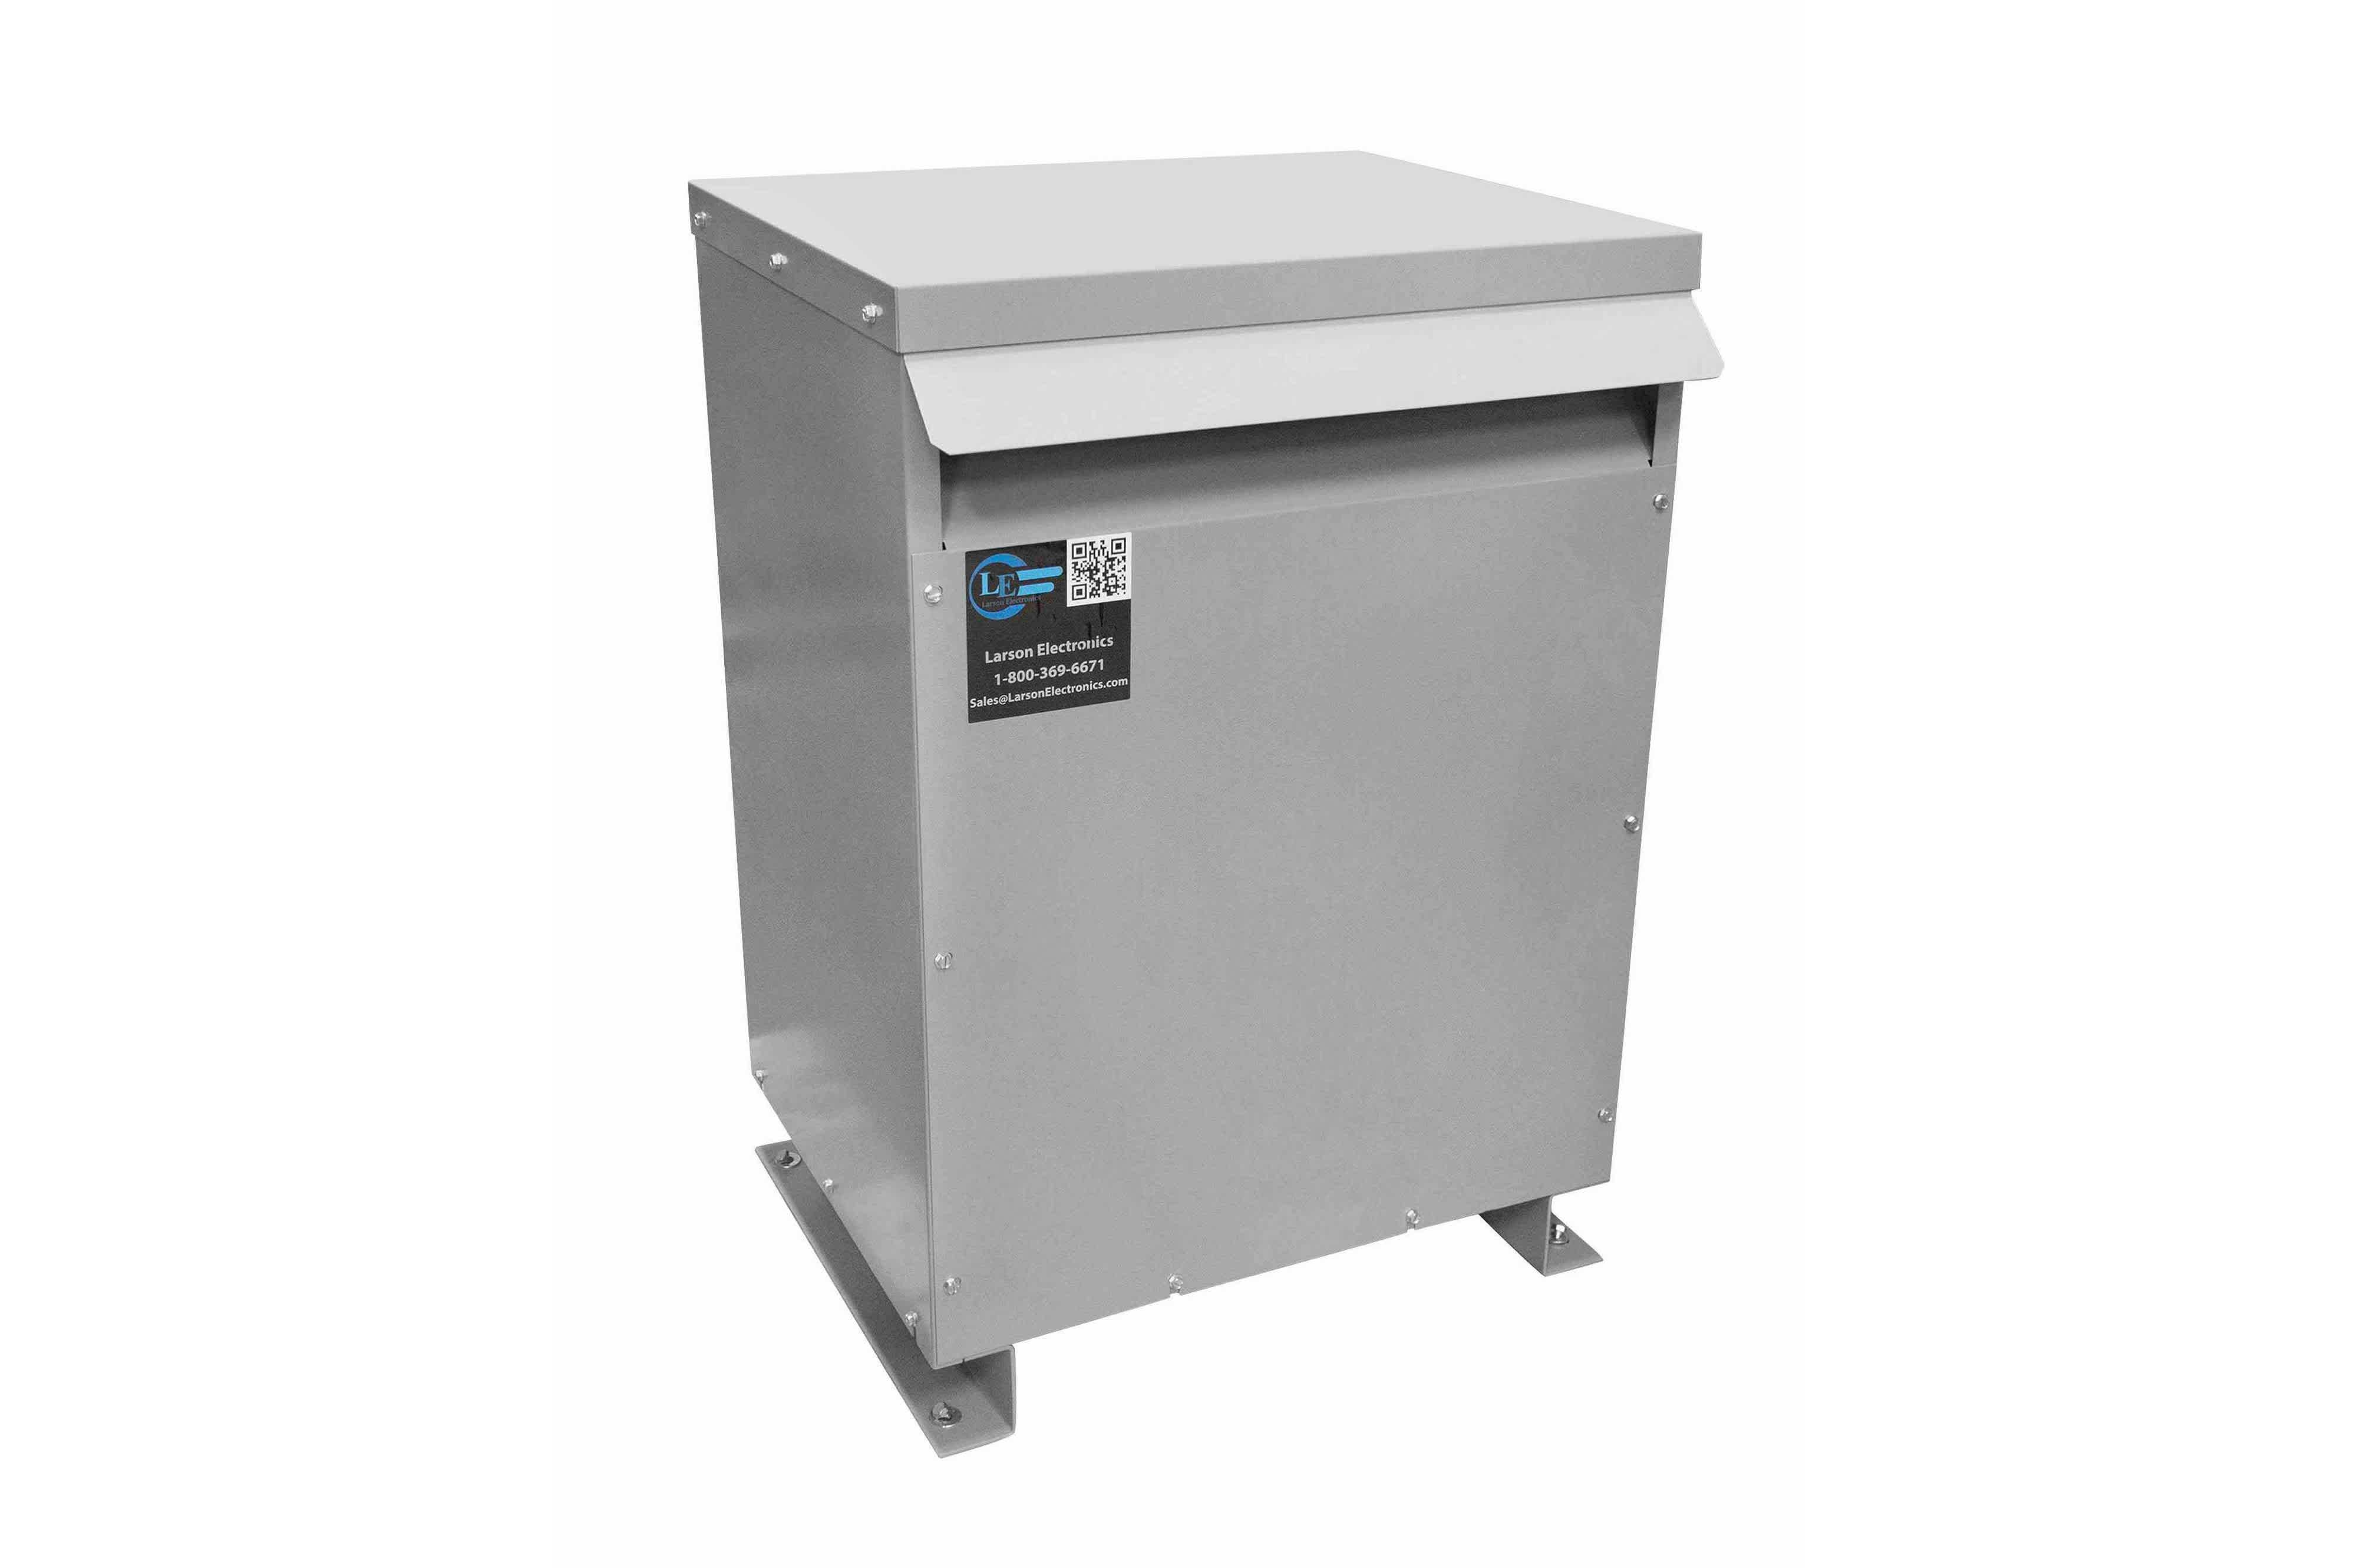 237.5 kVA 3PH Isolation Transformer, 460V Delta Primary, 575V Delta Secondary, N3R, Ventilated, 60 Hz